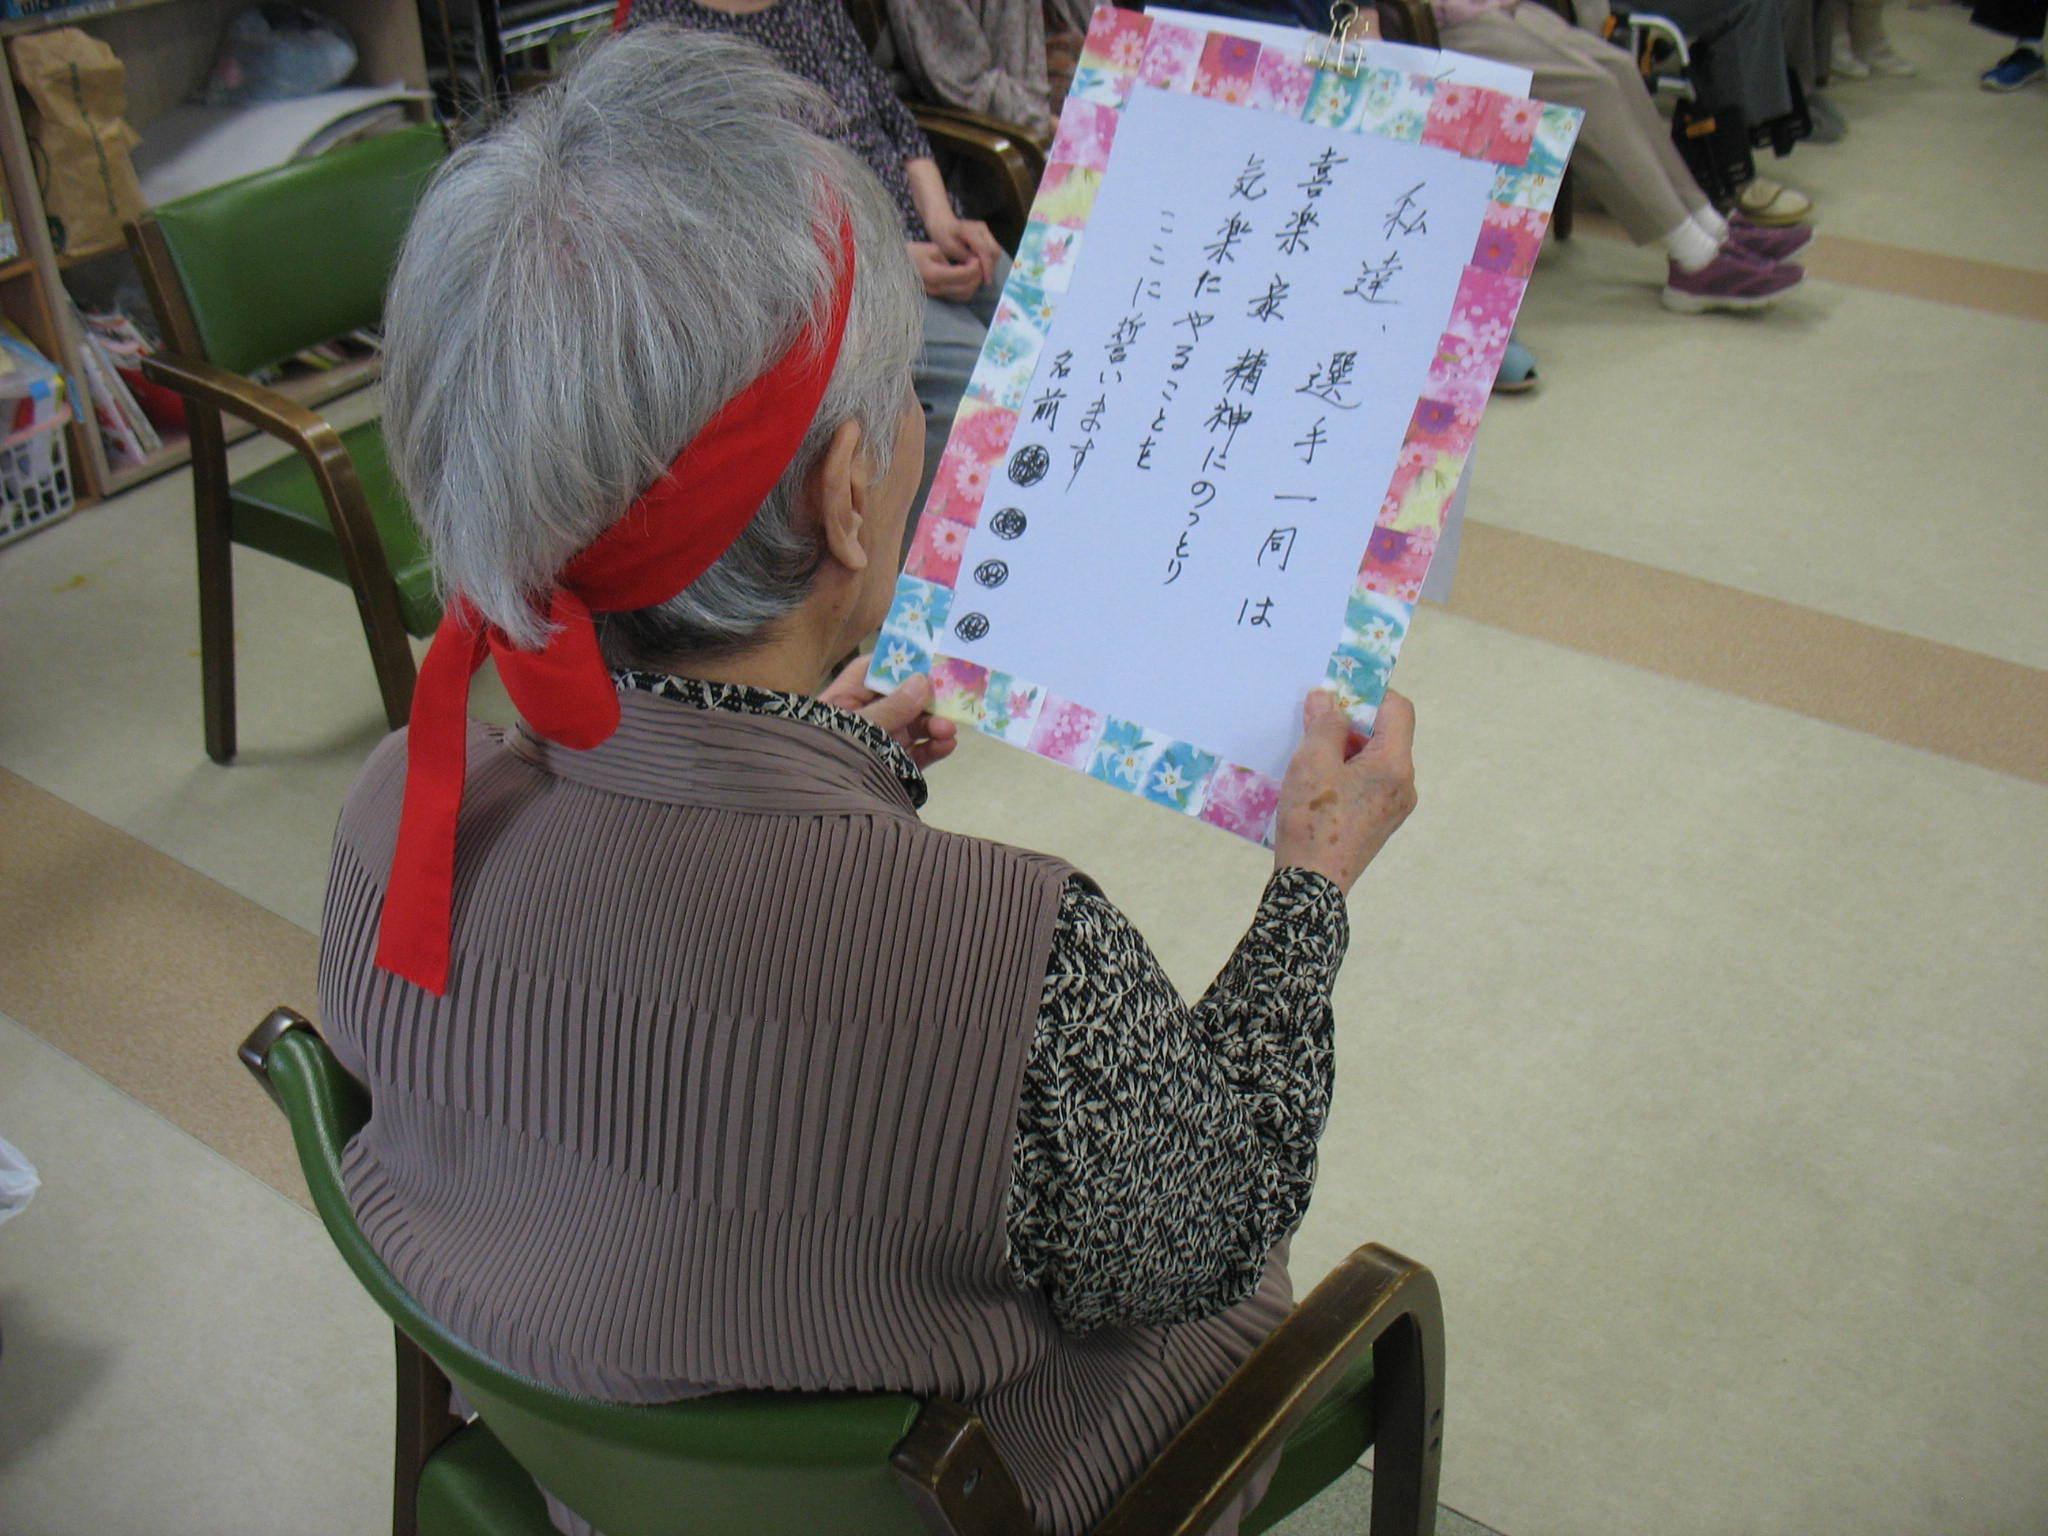 喜楽家・鎌倉 2020/07/25_a0135191_08582016.jpg